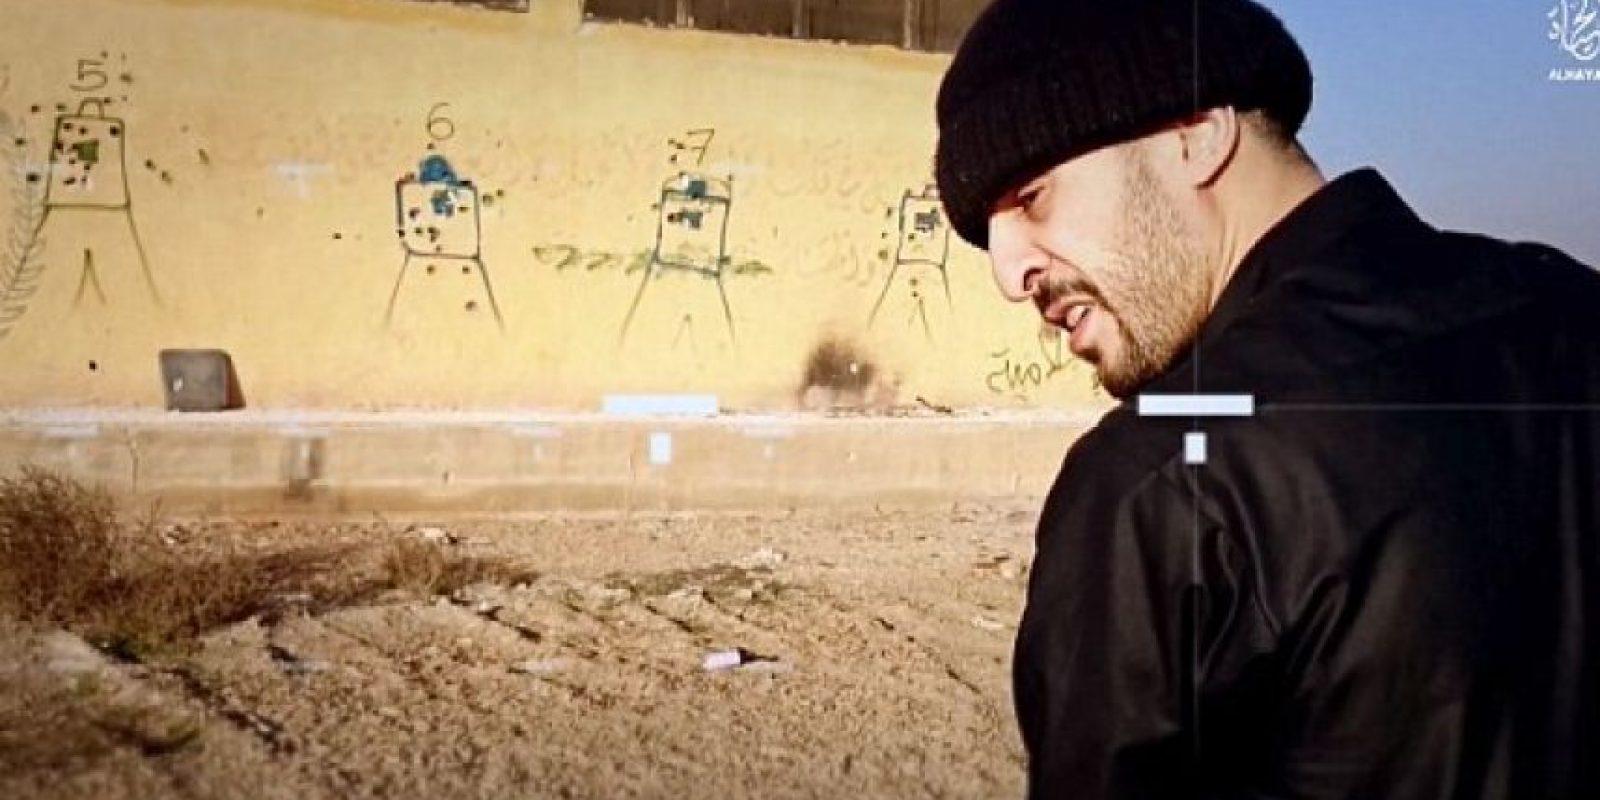 Brahim Abdeslam realiza prácticas en una pared Foto:Video de Estado Islámico. Imagen Por: